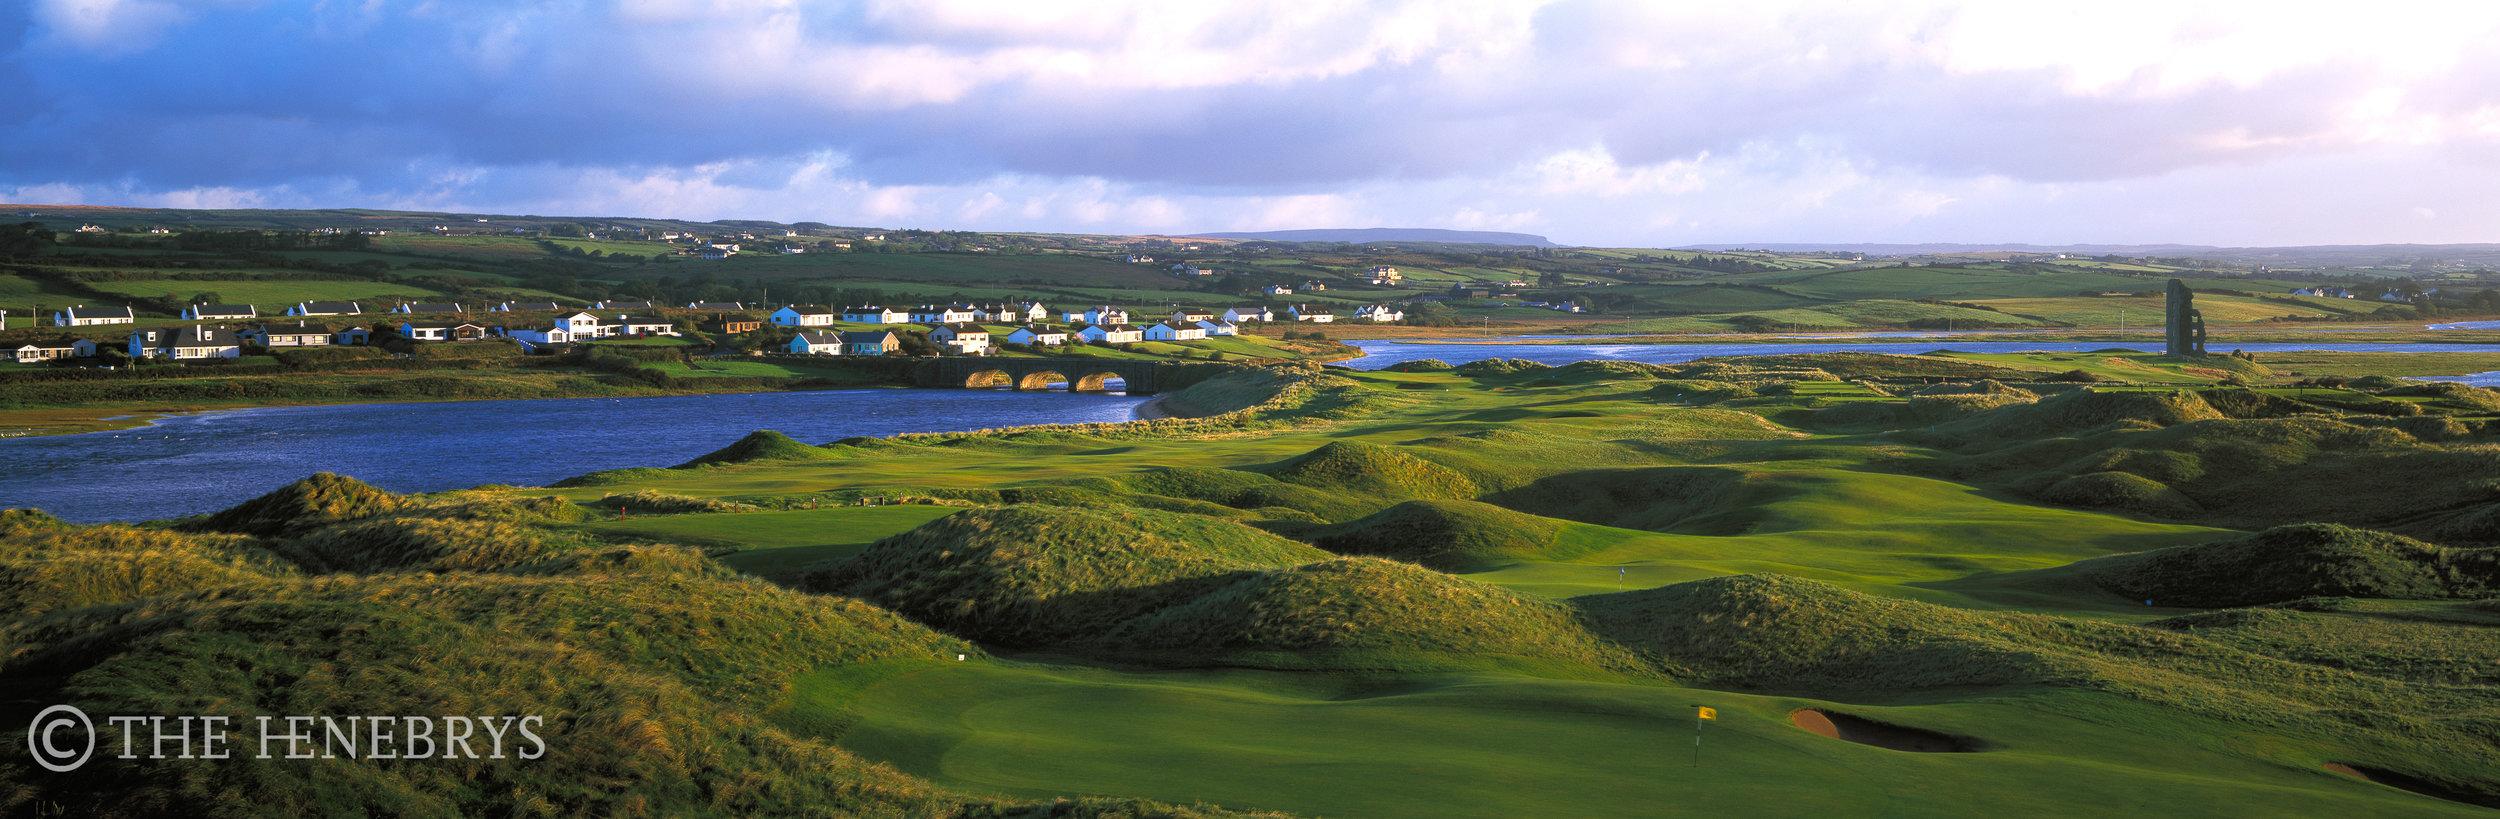 La Hinch Golf Club #10 Overview, La Hinch, Ireland